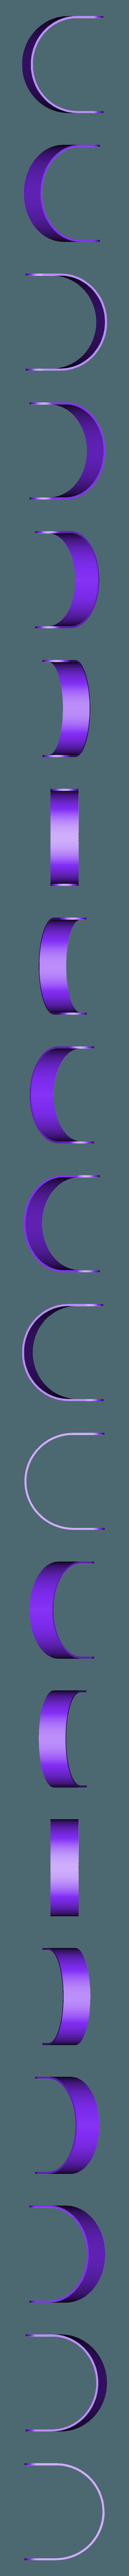 Saber_Guard.stl Télécharger fichier STL gratuit Sabre laser Jedi, avec garde et cristal Kyber • Design imprimable en 3D, Piggie